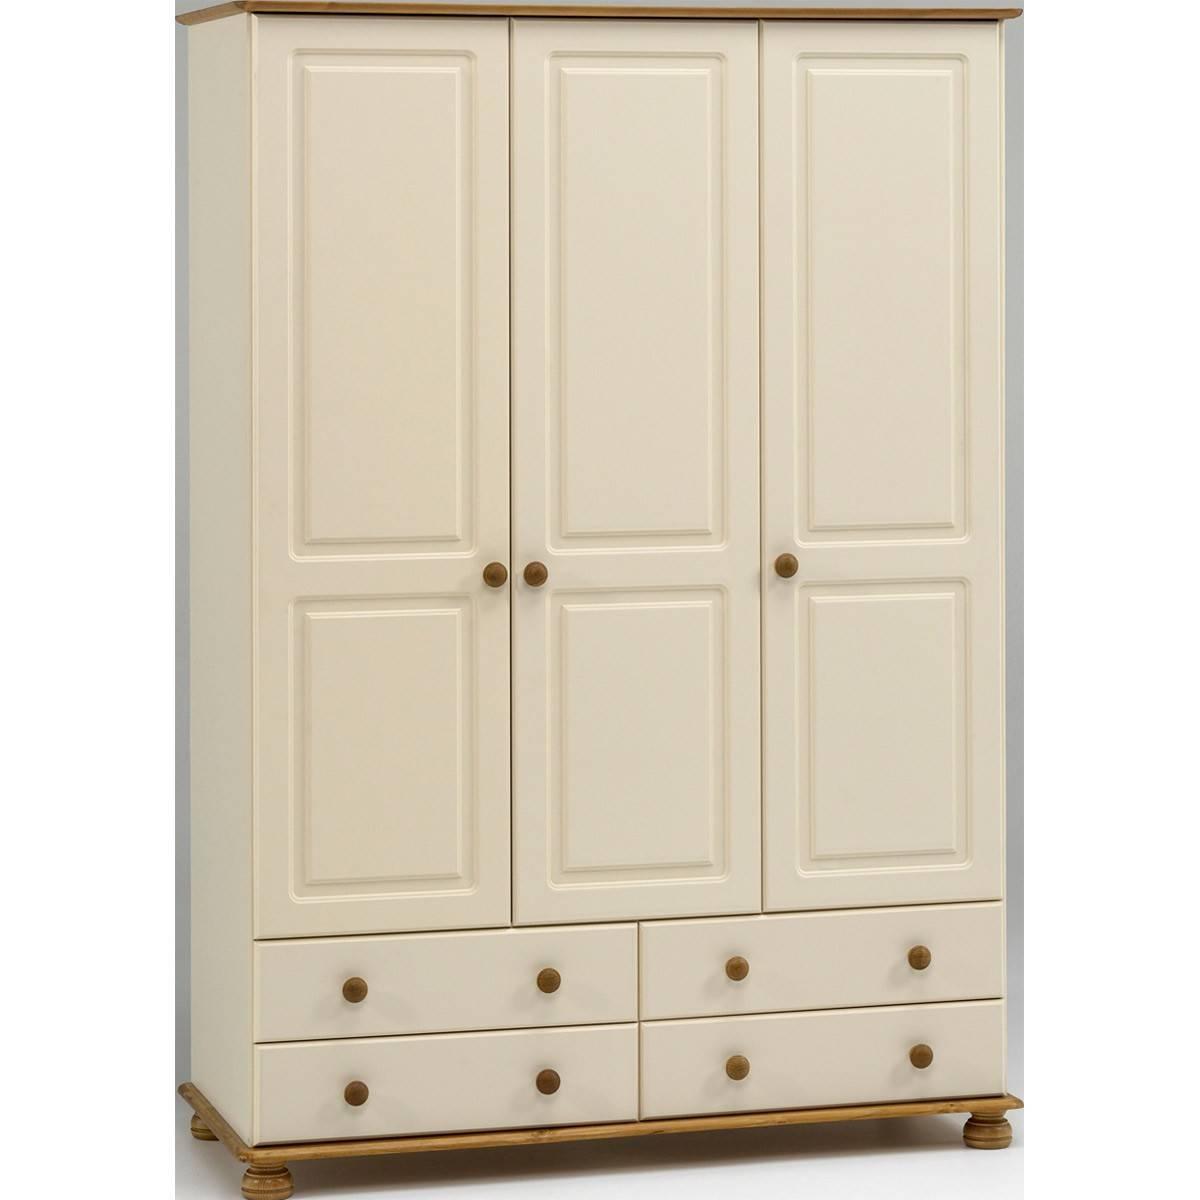 Salisbury Cream And Pine 3 Door 4 Drawer Wardrobe From The for 3 Door Pine Wardrobes (Image 12 of 15)